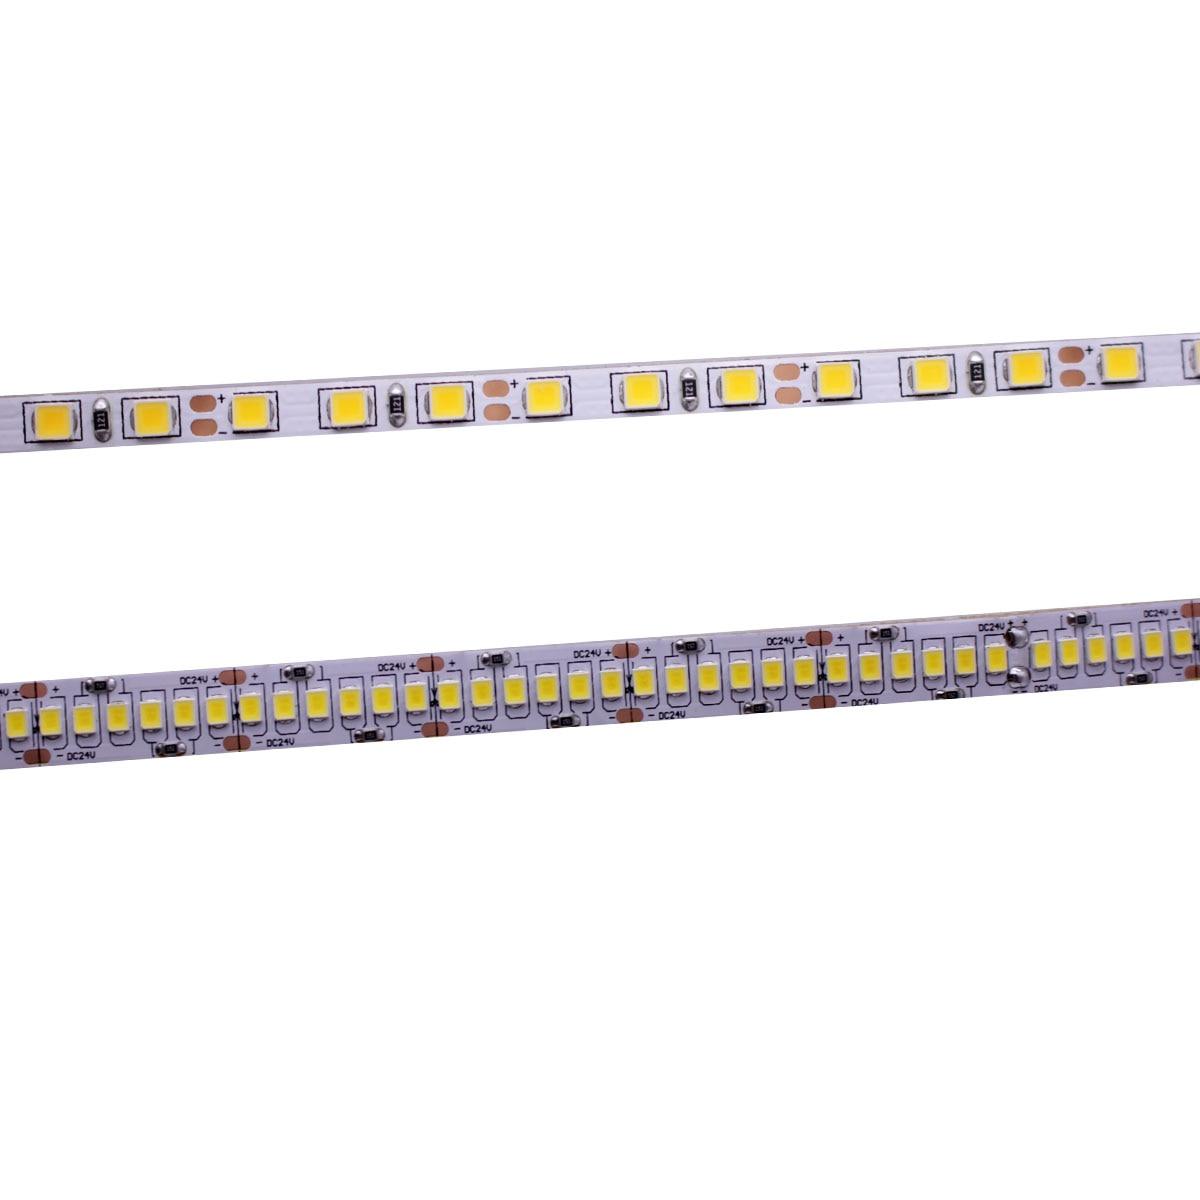 CRI 80+ 5mm 10mm PCB 12V 24V LED Strip 2835 120LEDs 240LEDs/m Diode Flexible Light Tape 4000K 6000K Neutural White Warm White 5M